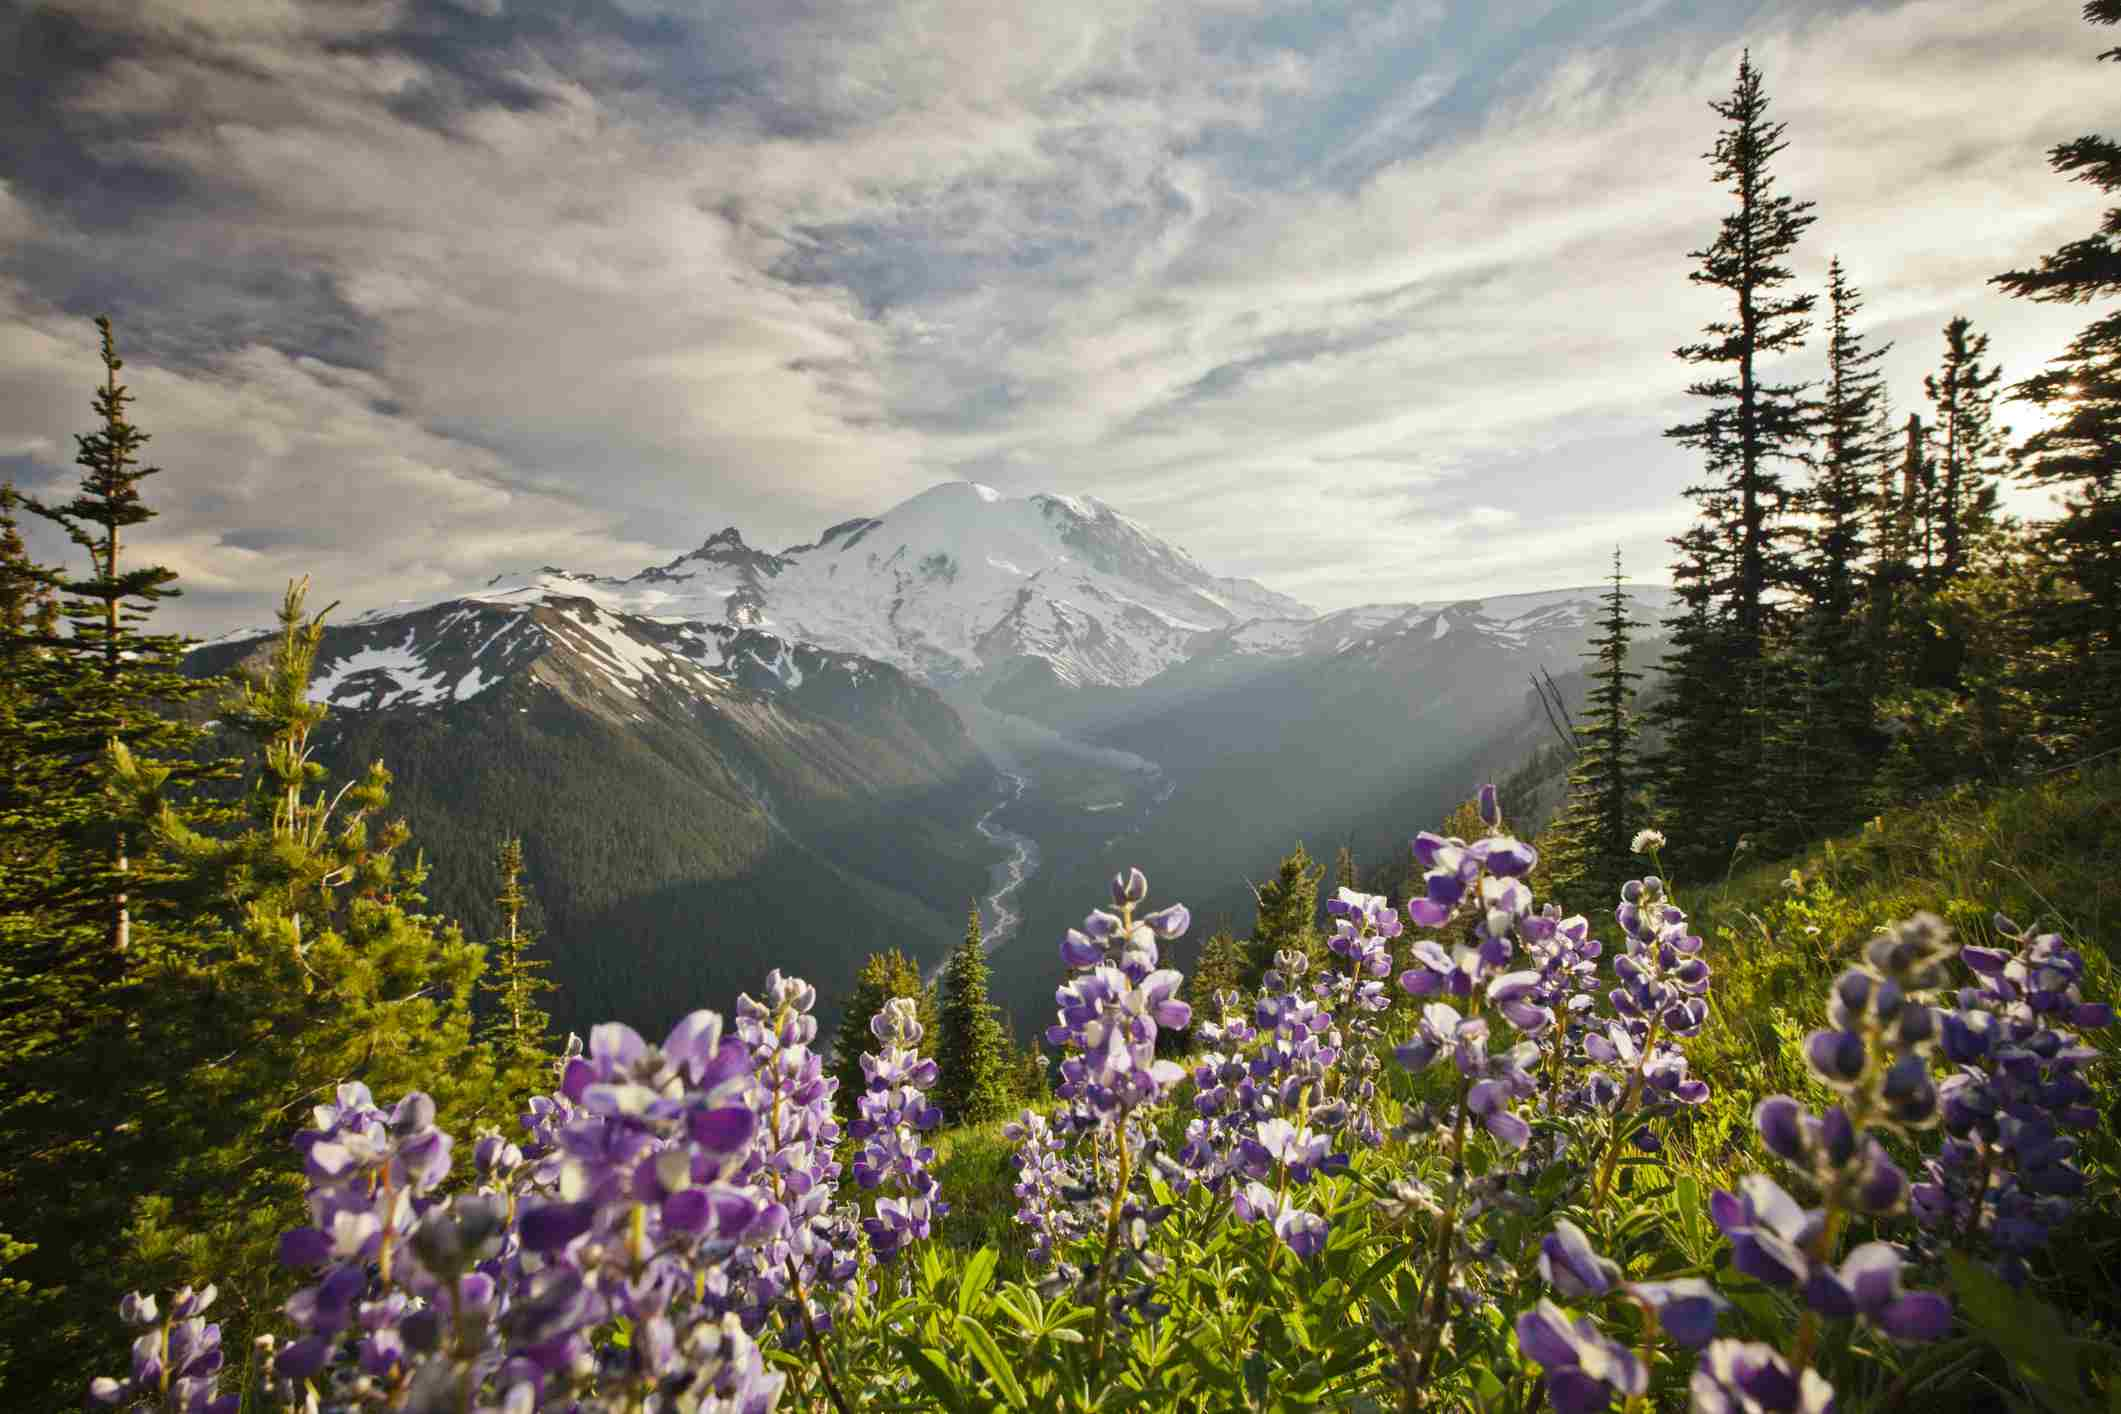 Flores silvestres en el Parque Nacional Mount Ranier